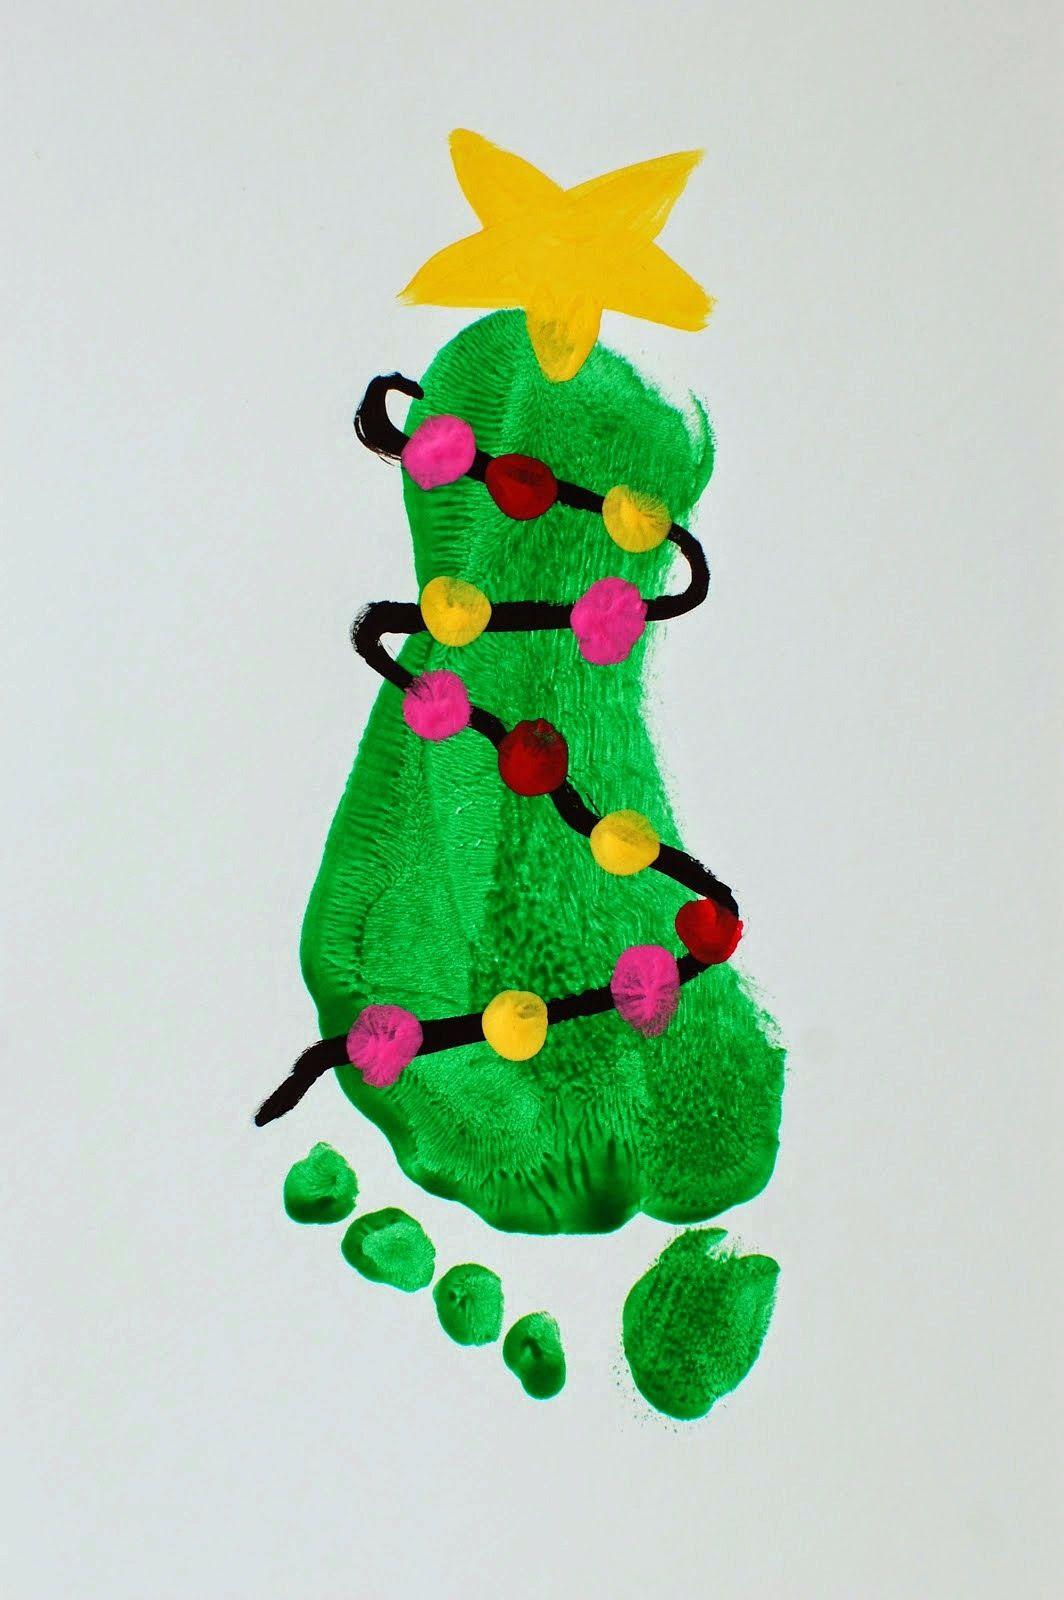 Super Fun Christmas Footprint Art